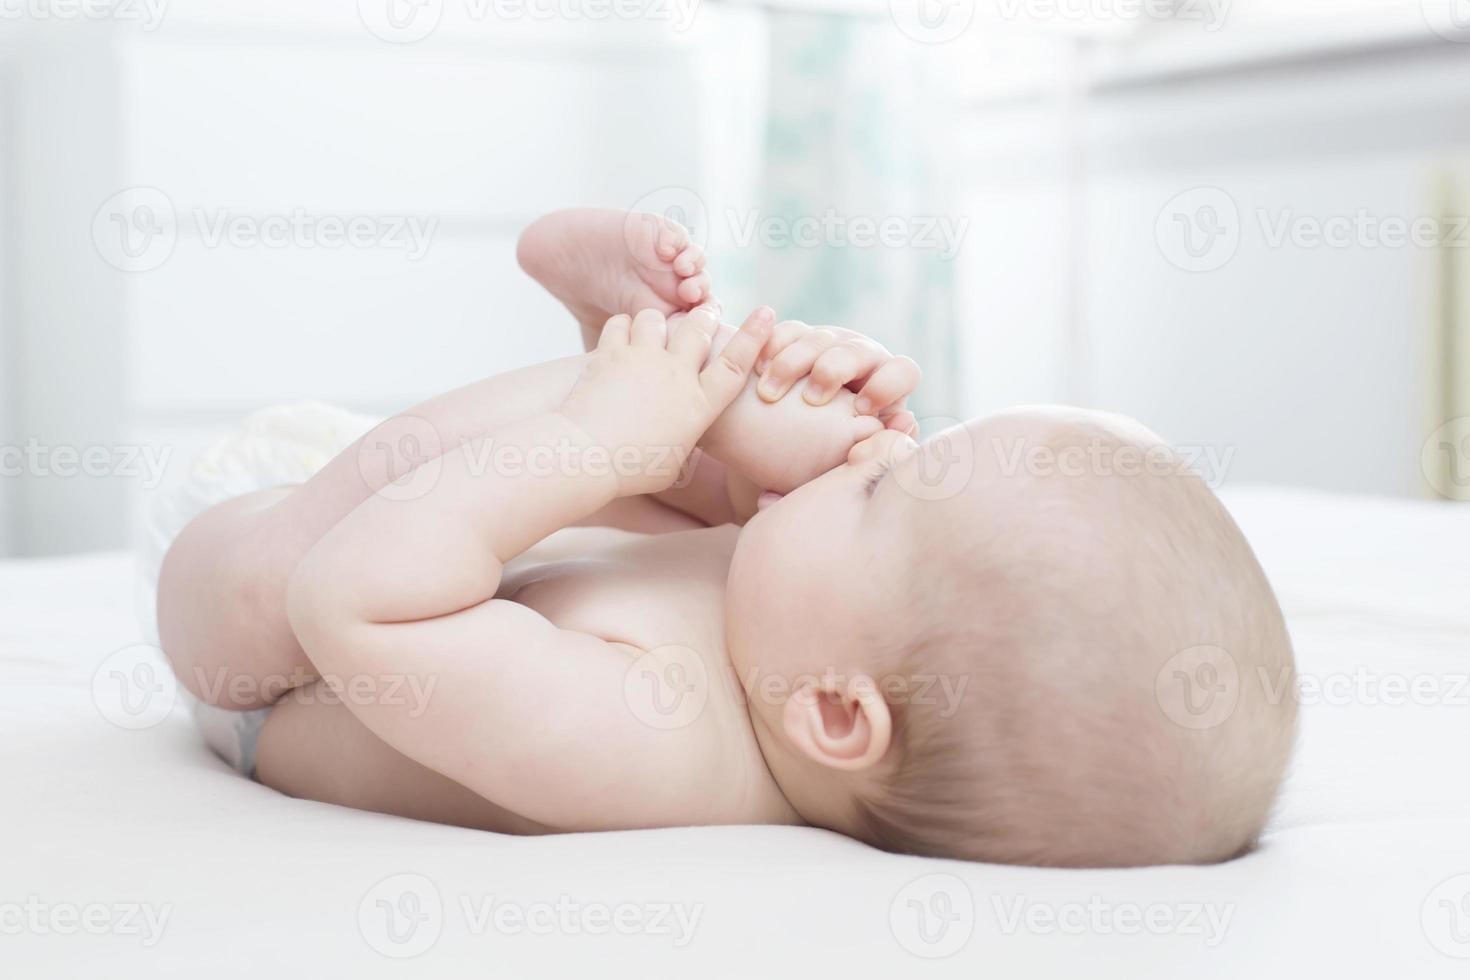 niña acostada y metiéndose la pierna en la boca foto